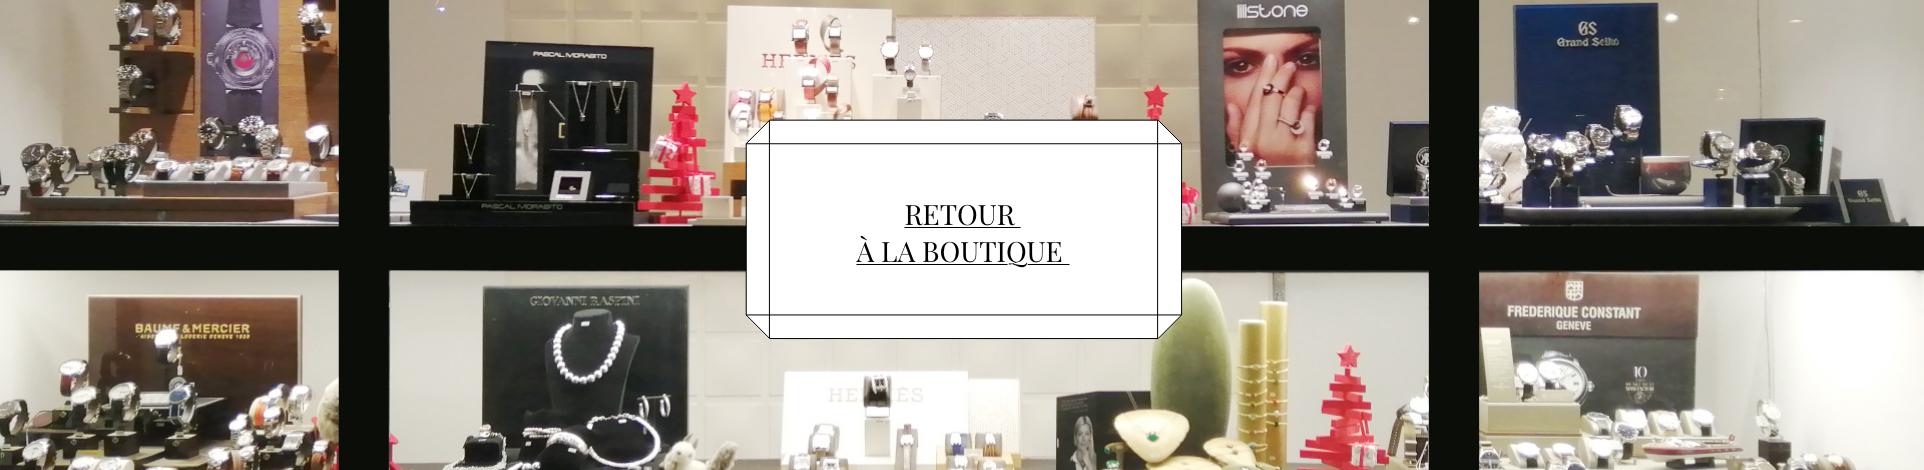 RETOUR-A-LA-BOUTIQUE